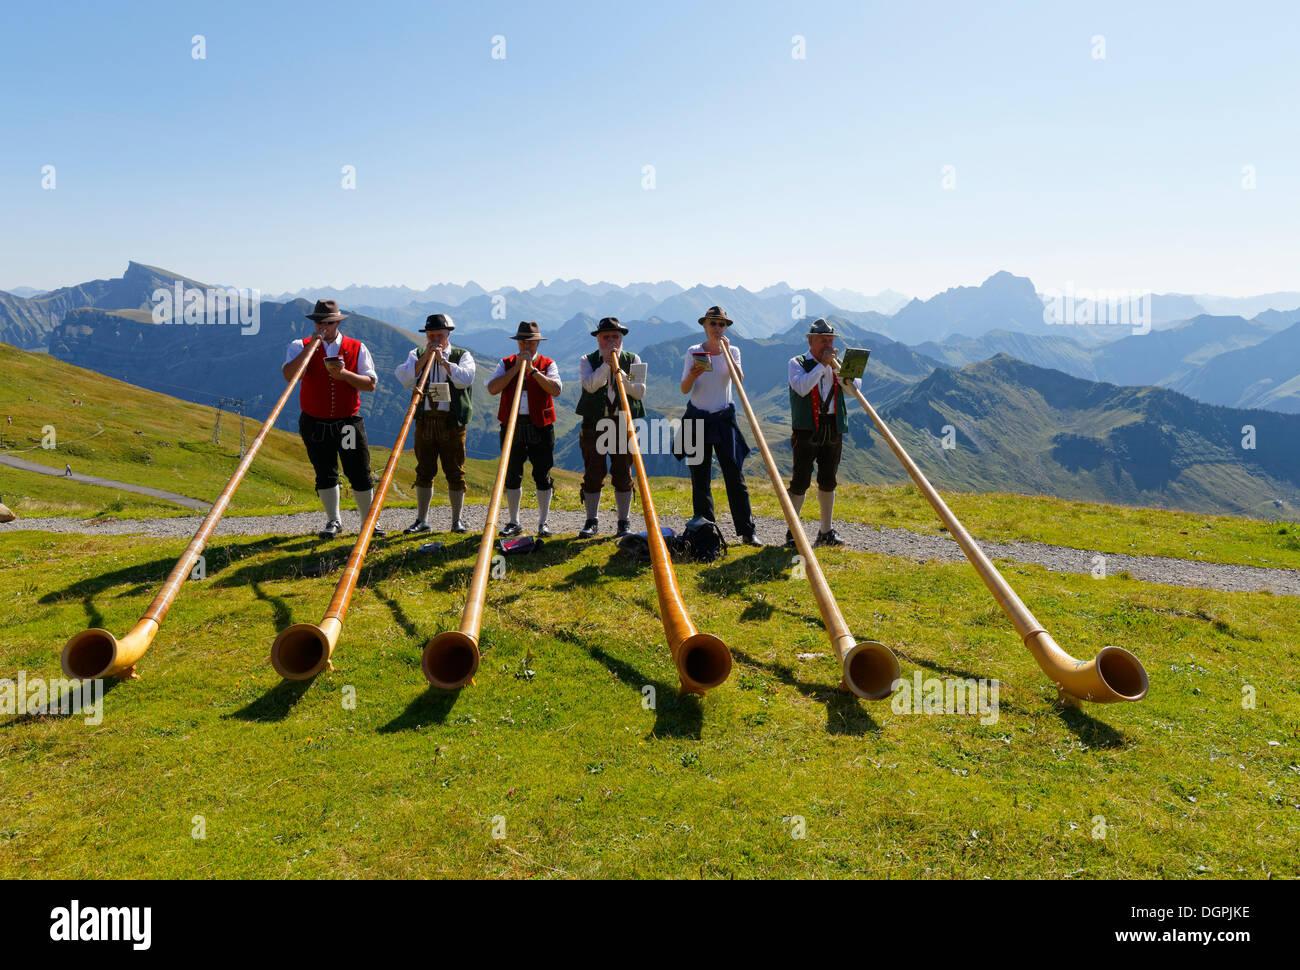 Alphorn players, Diedamskopf, Schoppernau, Bregenzerwald, Bregenzer Wald, Vorarlberg, Austria - Stock Image